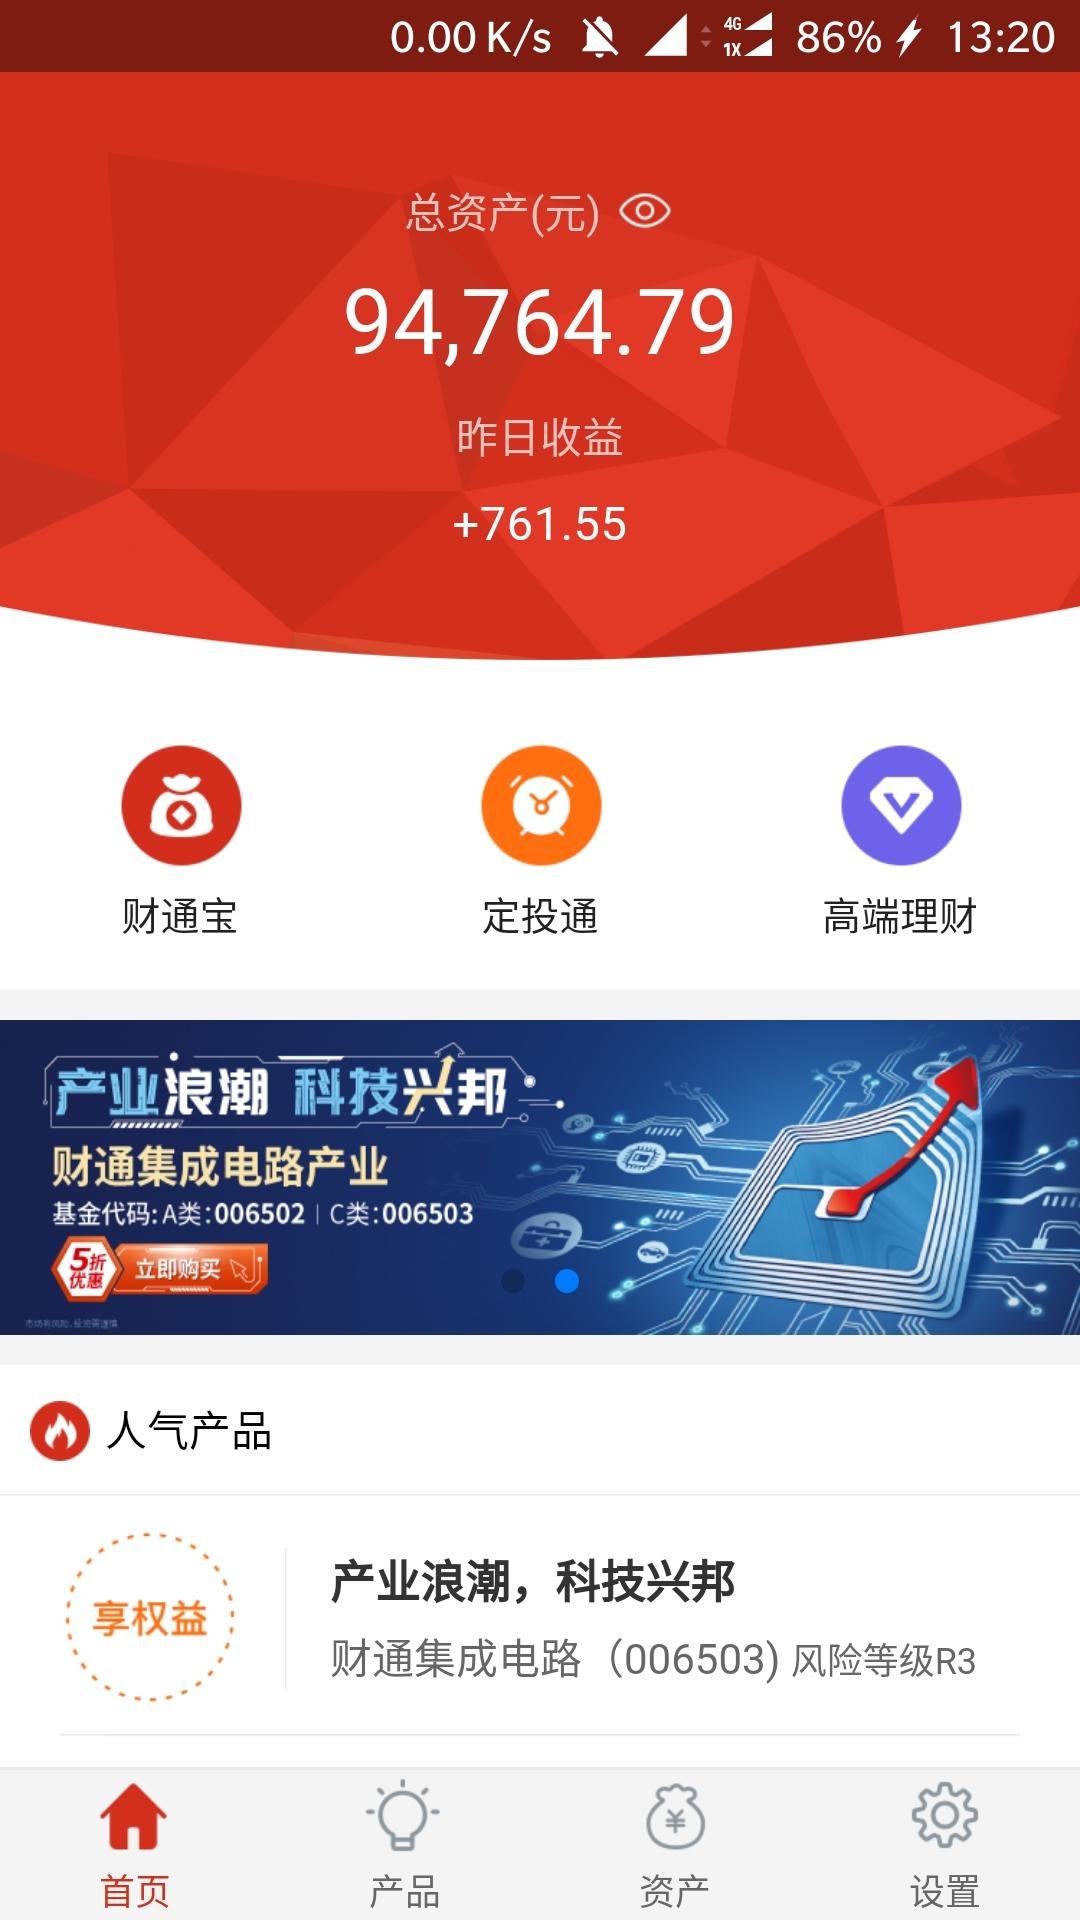 财通基金_图片2